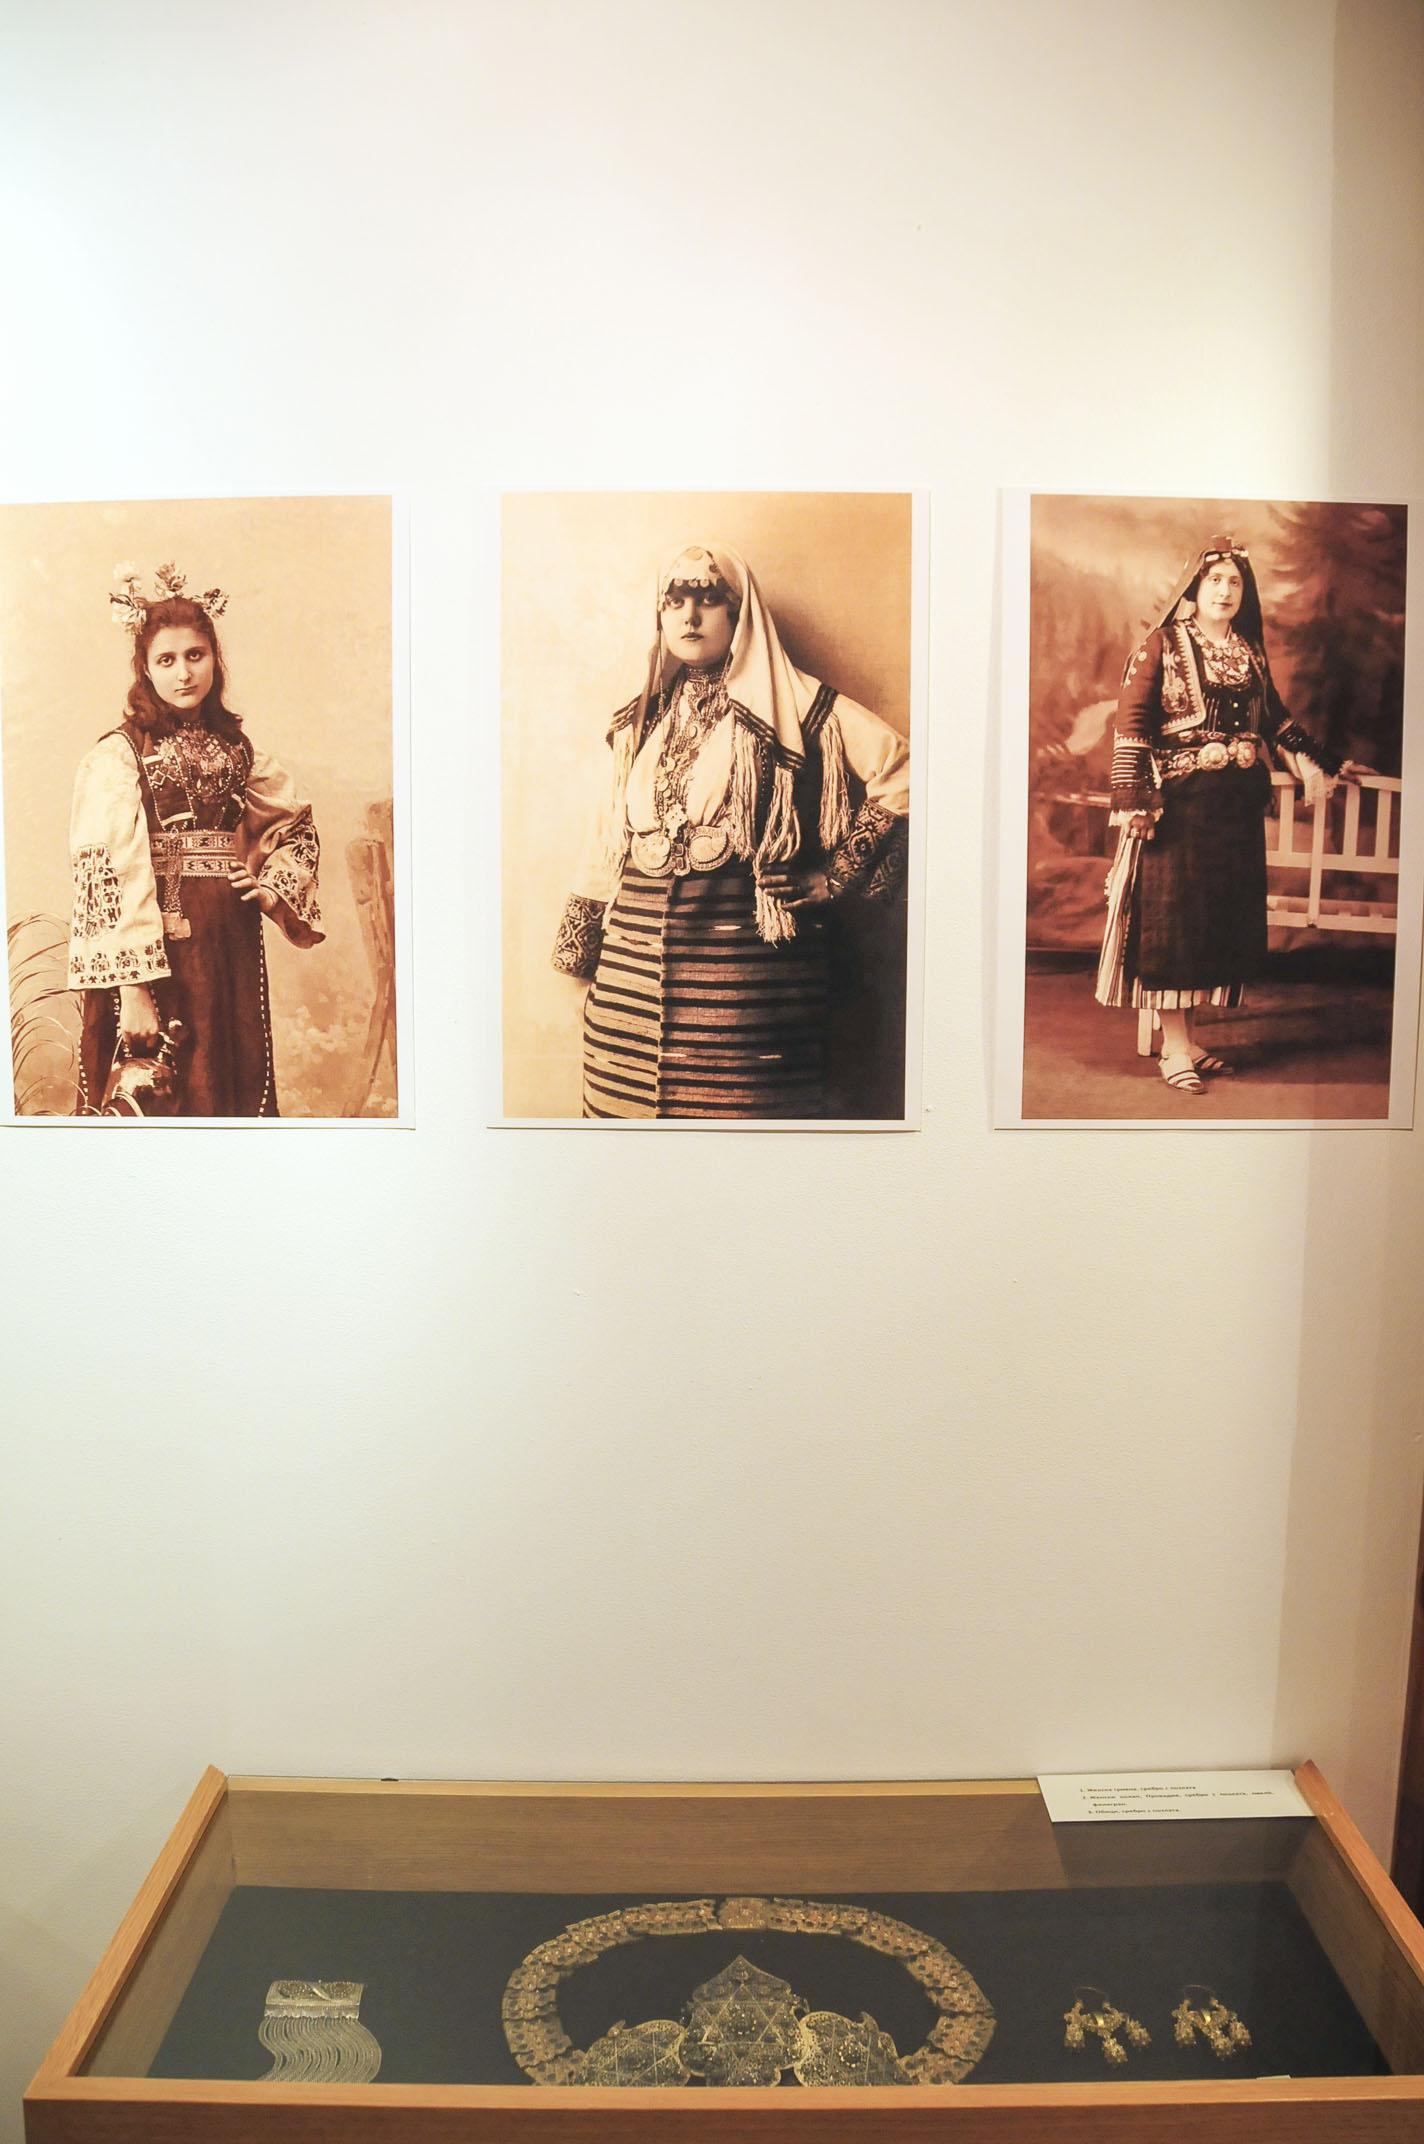 troyan-museum-bylgarsko-zlatarsko-izkustvo-34